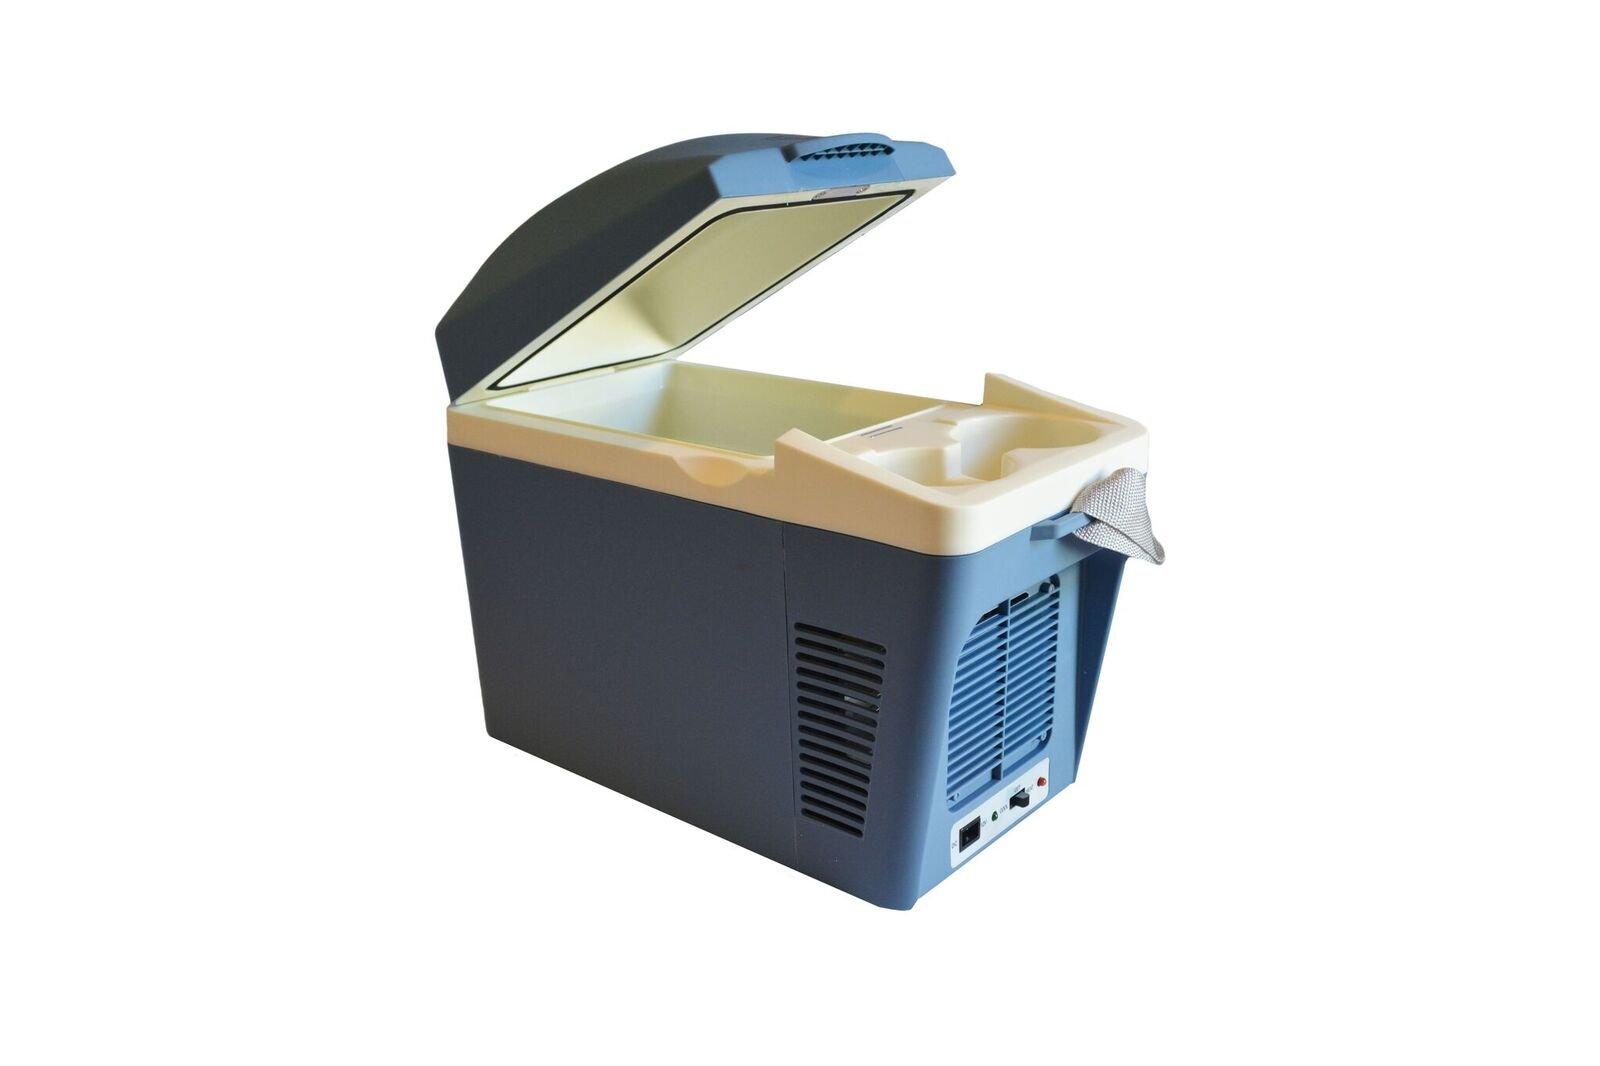 EZ Travel 12-Volt Car Plug in Cooler and 12V Warmer with Cup Holders (7-Liter Design)